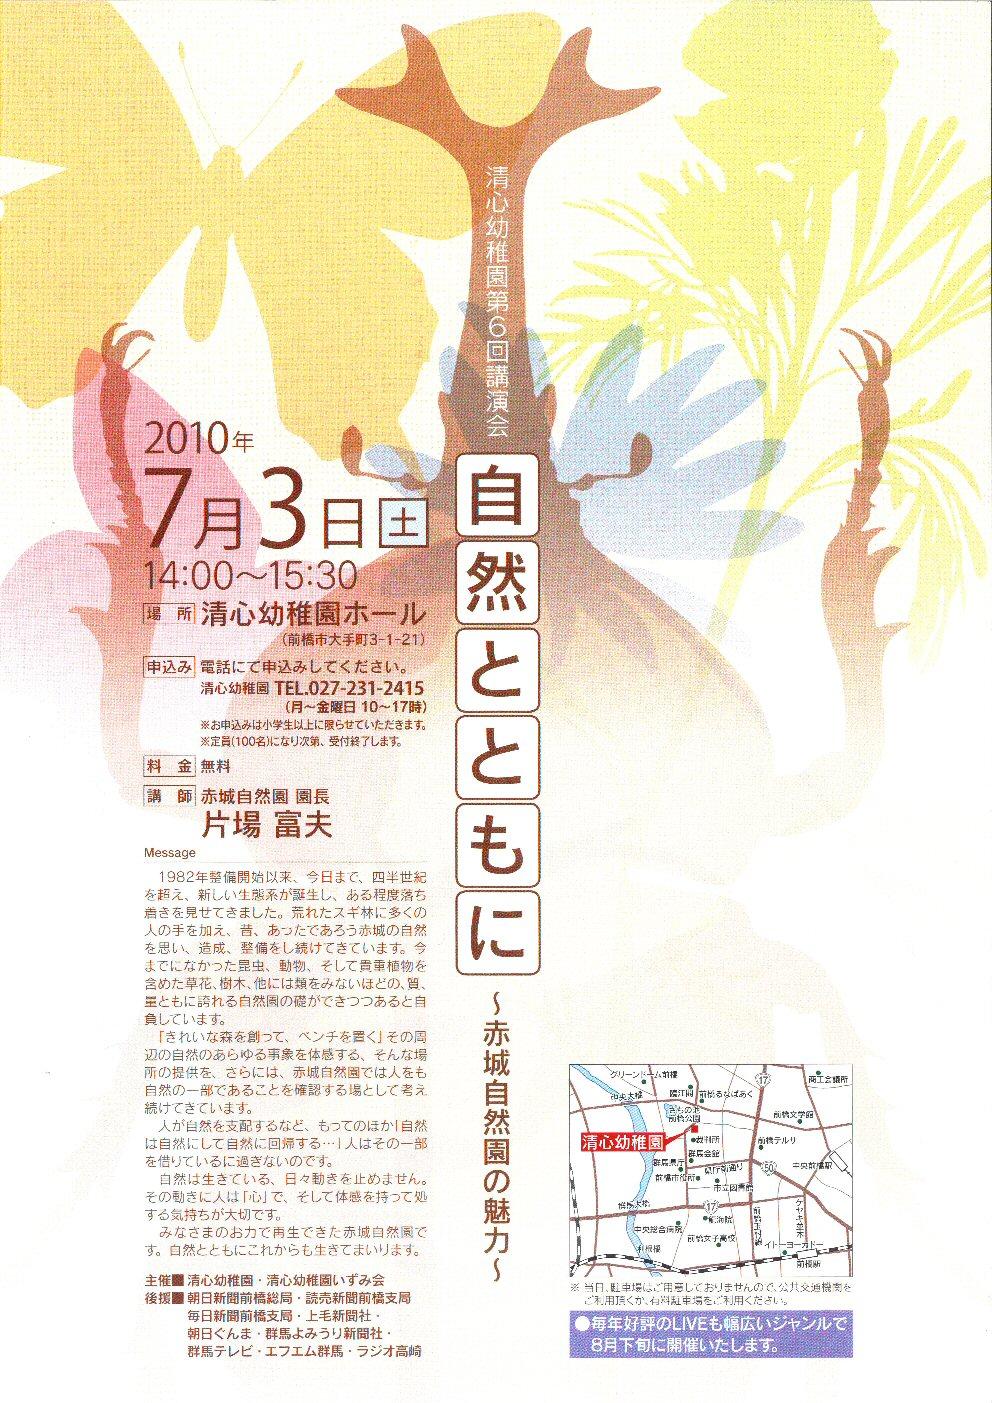 清心幼稚園第6回講演会「自然とともに」〜赤城自然園の魅力〜